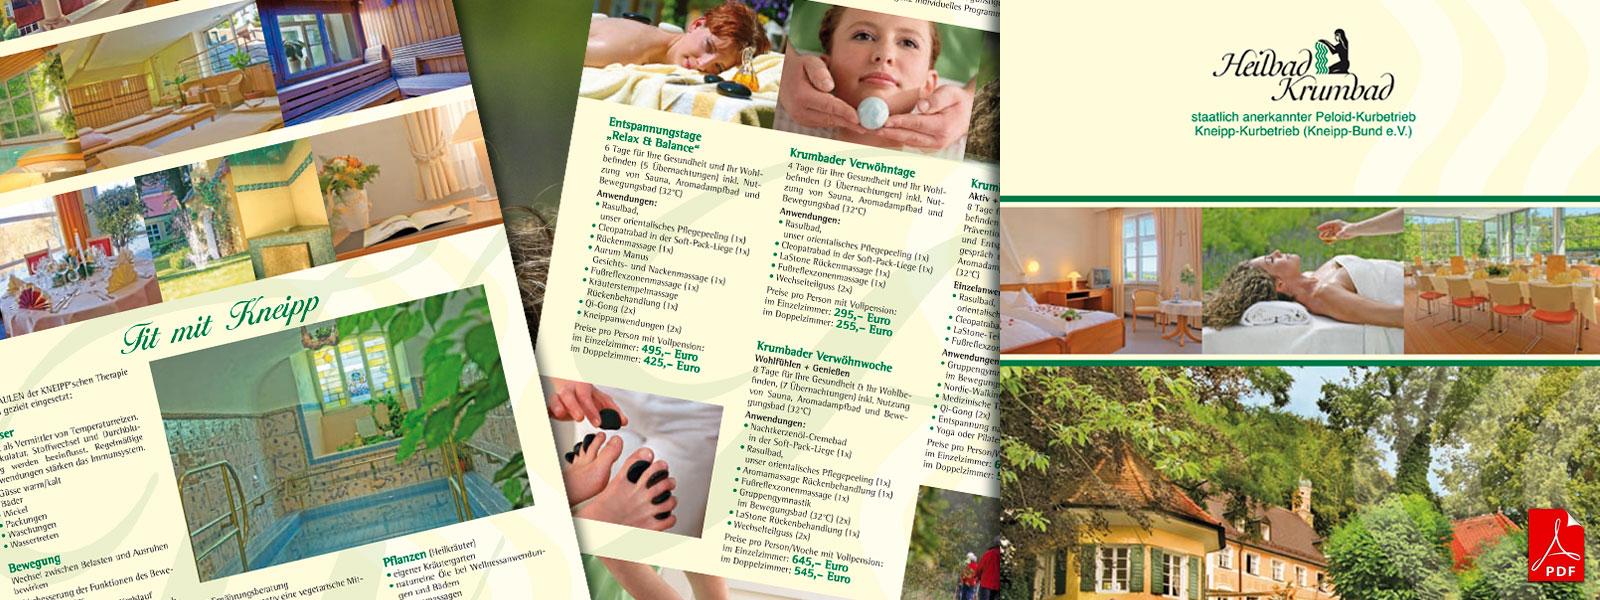 Laden Sie die aktuelle Infobrochure vom Hotel**** & Restaurant als PDF herunter!